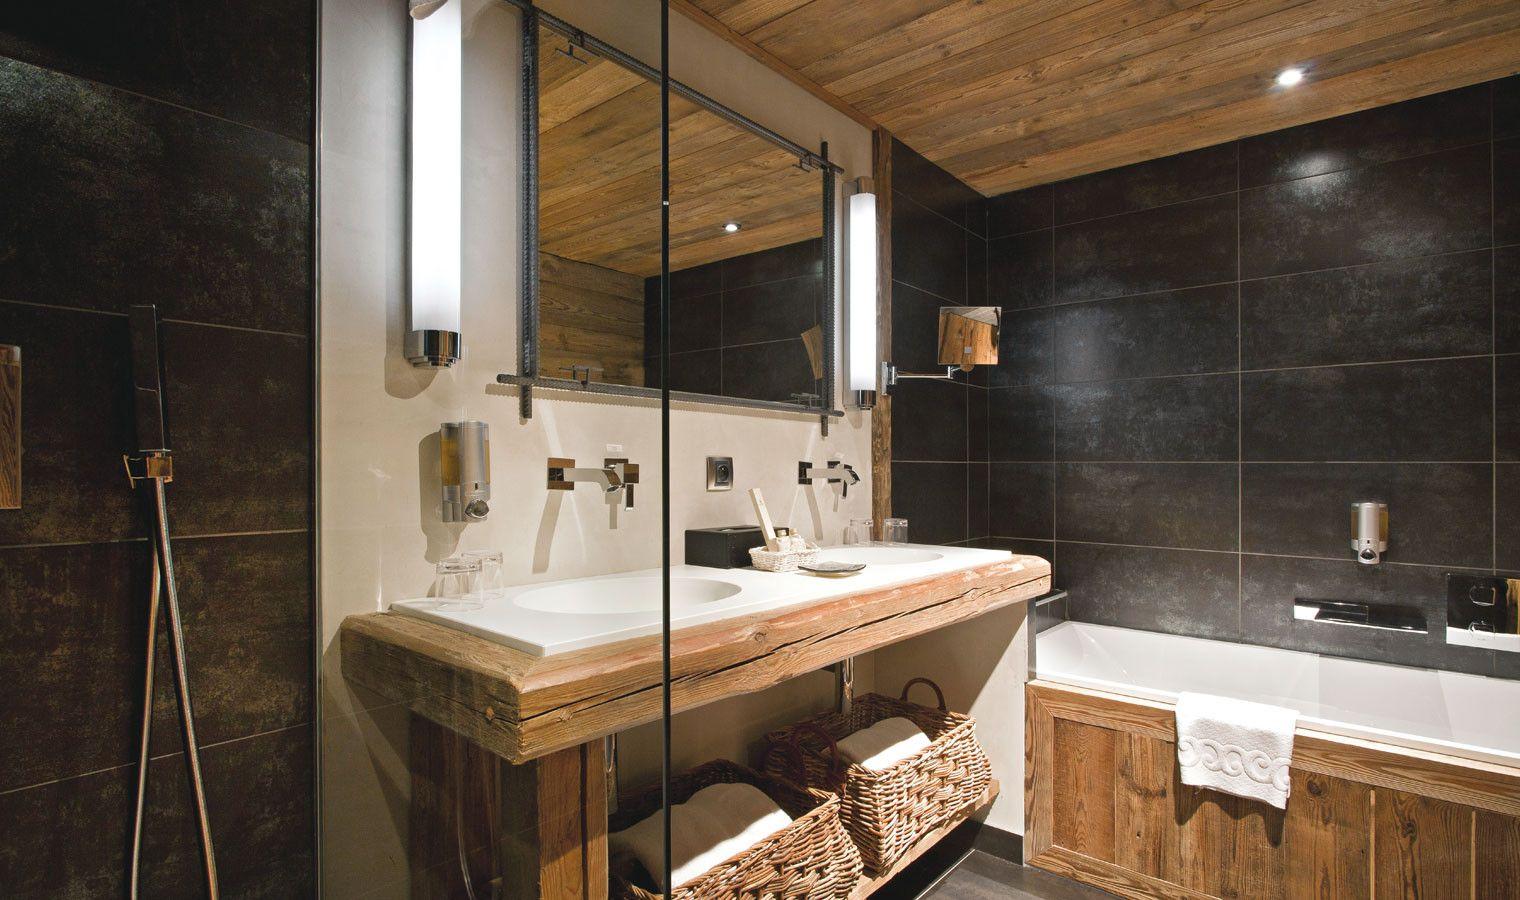 salle de bain moderne avec baignoire salle de bain 1 une. Black Bedroom Furniture Sets. Home Design Ideas